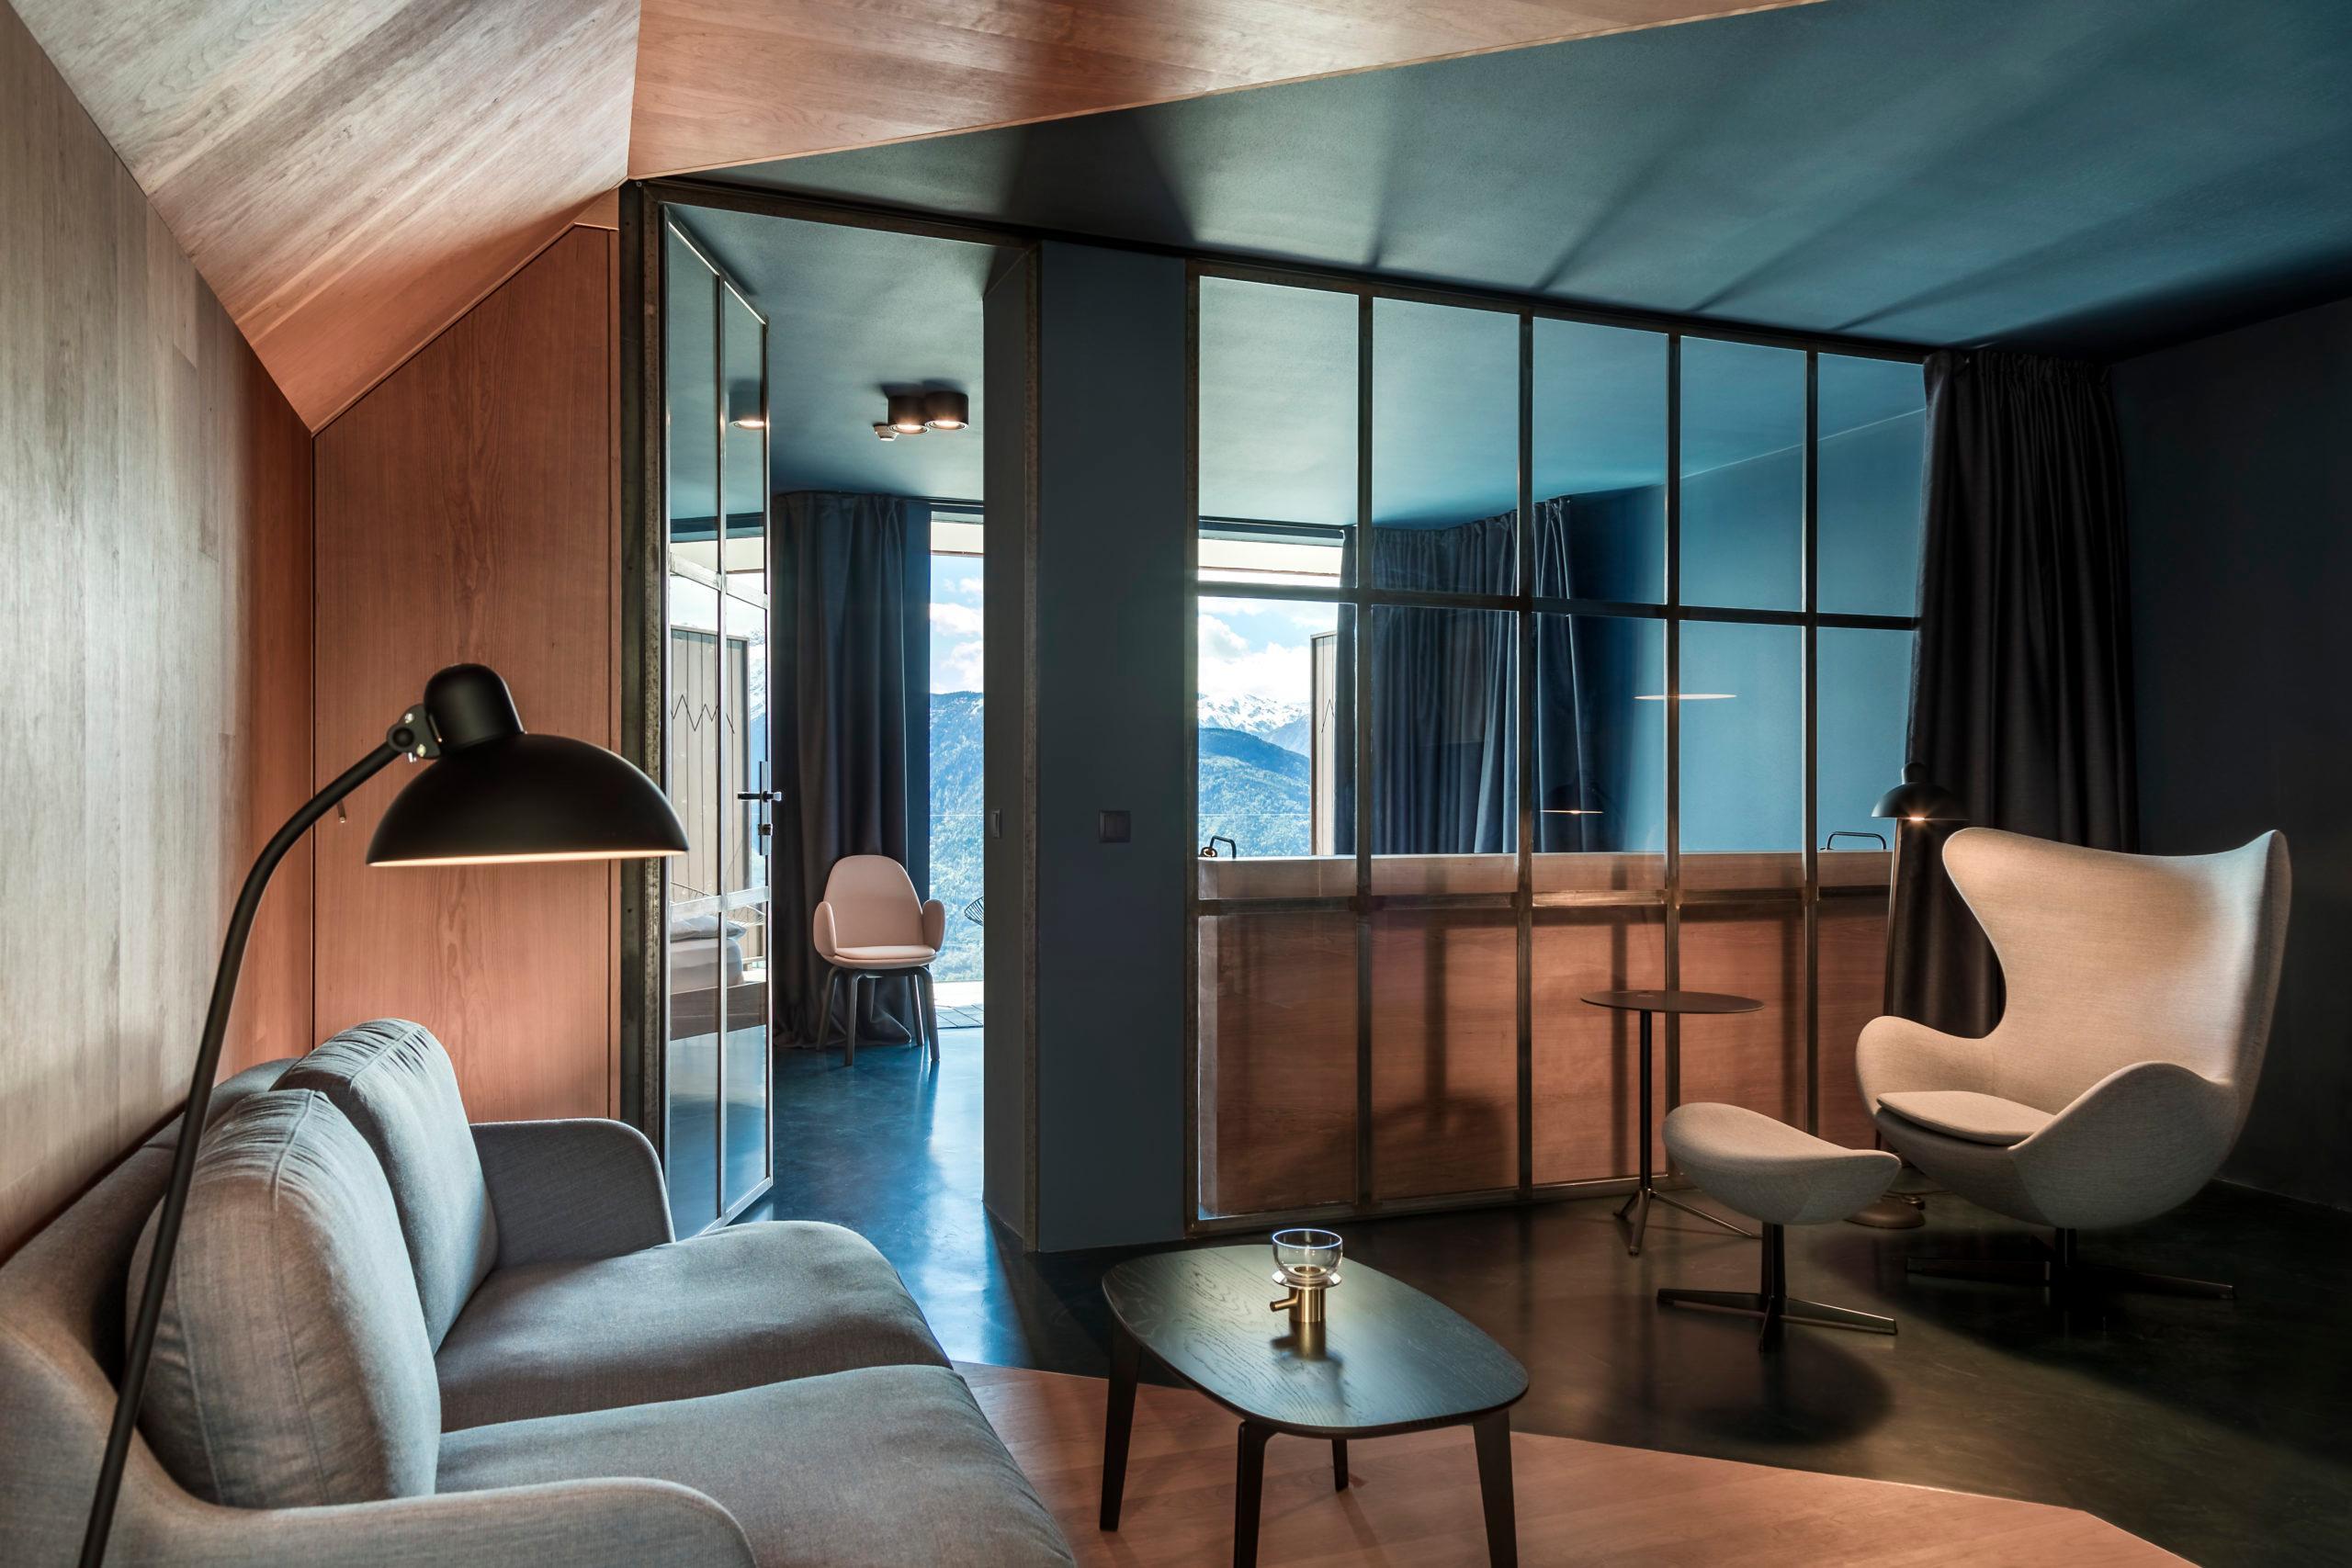 Luxus Chalet Stil Hotel Miramonti Lounge Sitzecke